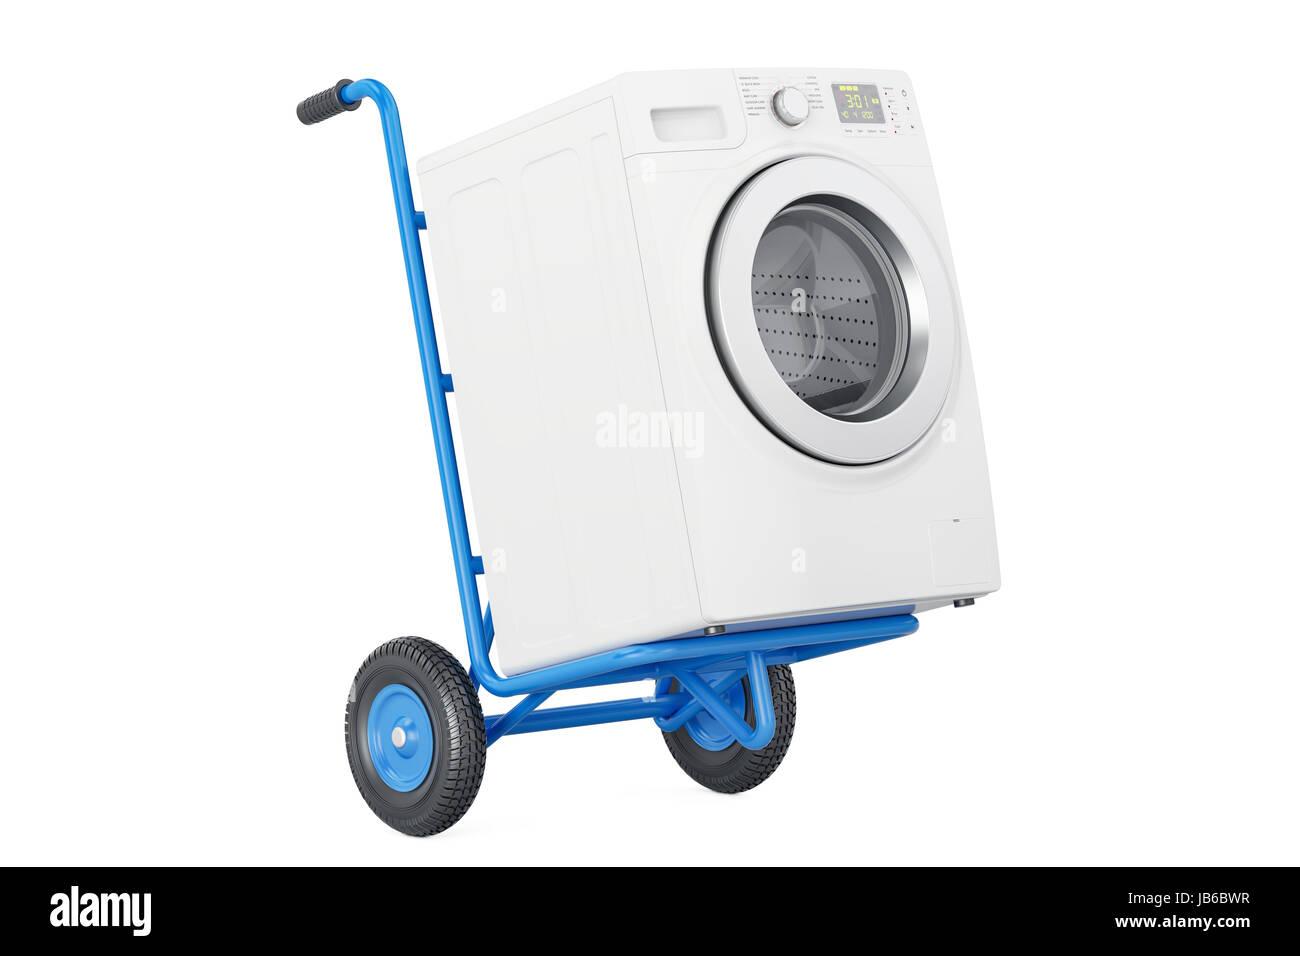 Beliebt Lieferung des Gerätes. Sackkarre mit Waschmaschine, 3D rendering LF72